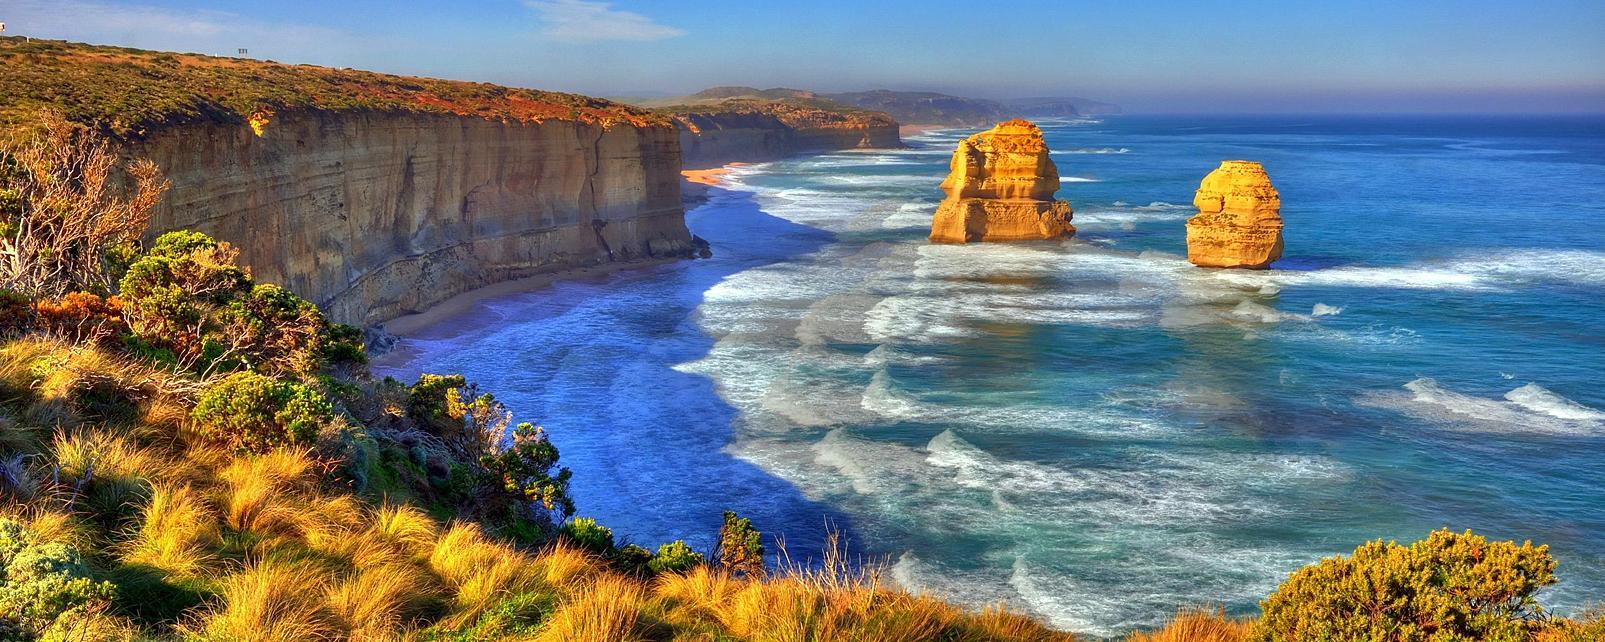 Que faire australie meilleures attractions touristiques for Paesaggi naturali hd